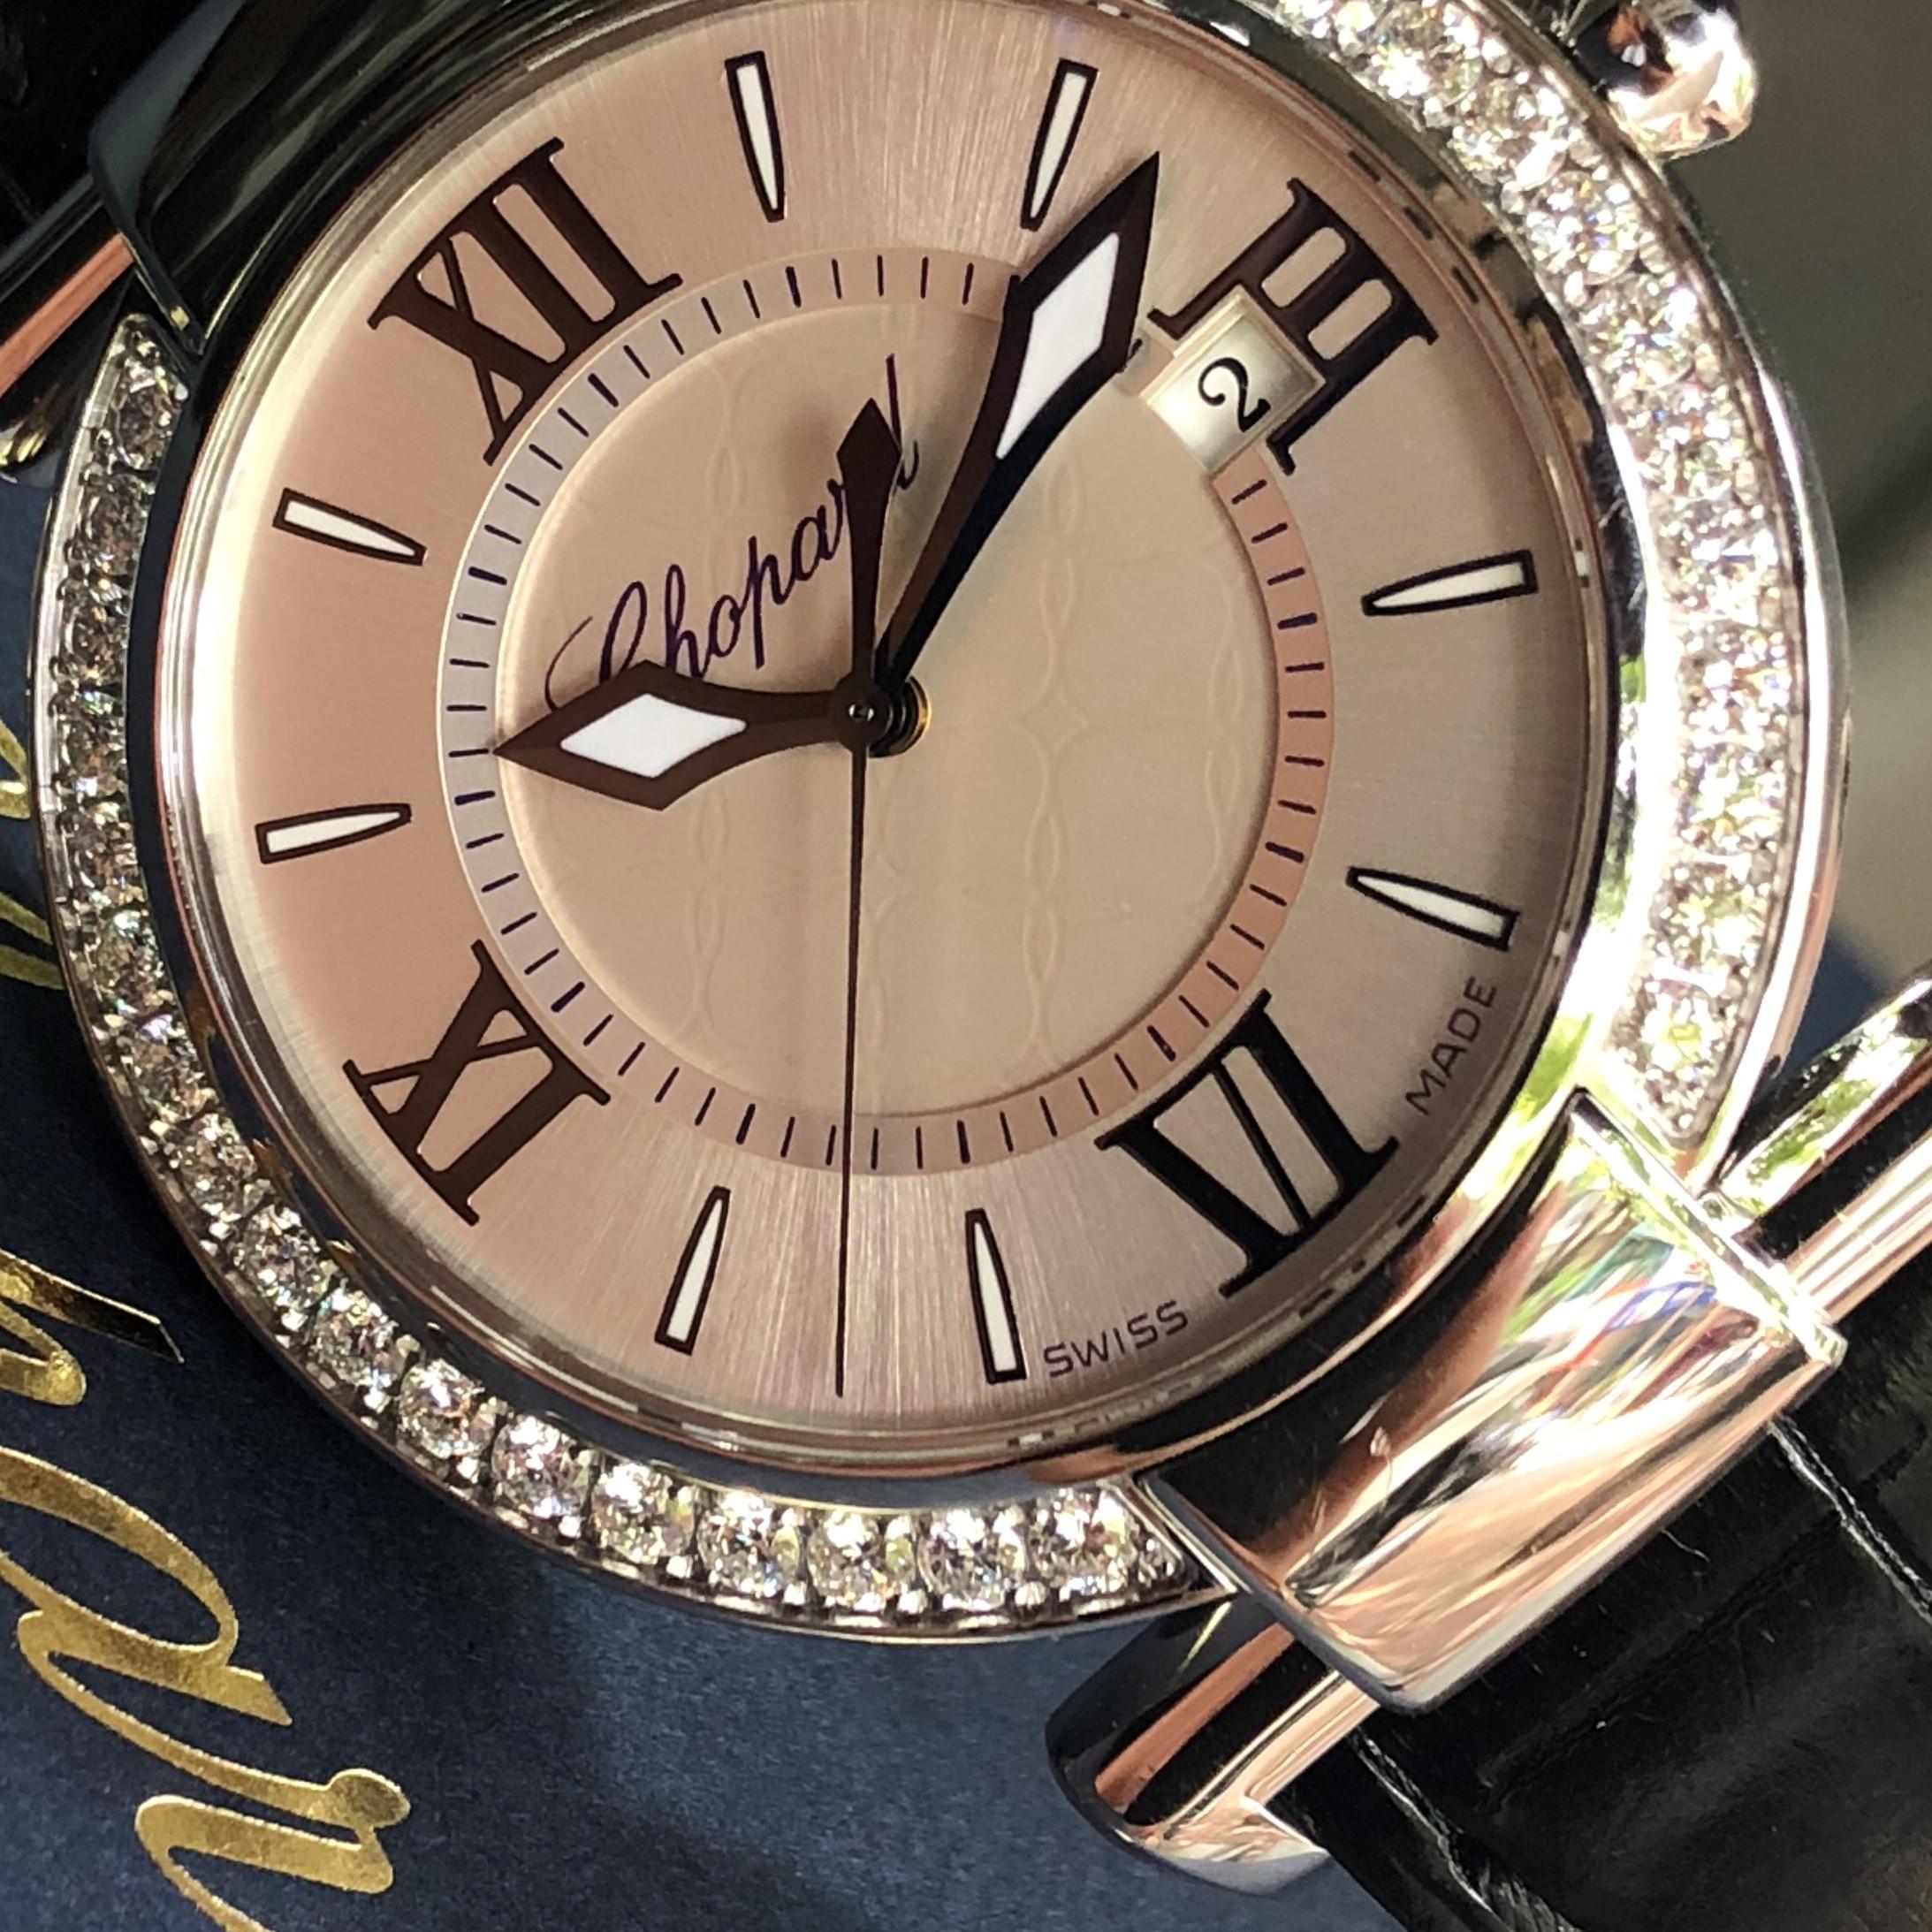 Chopard Diamond 8532 niềng kim cương zin Fullbox